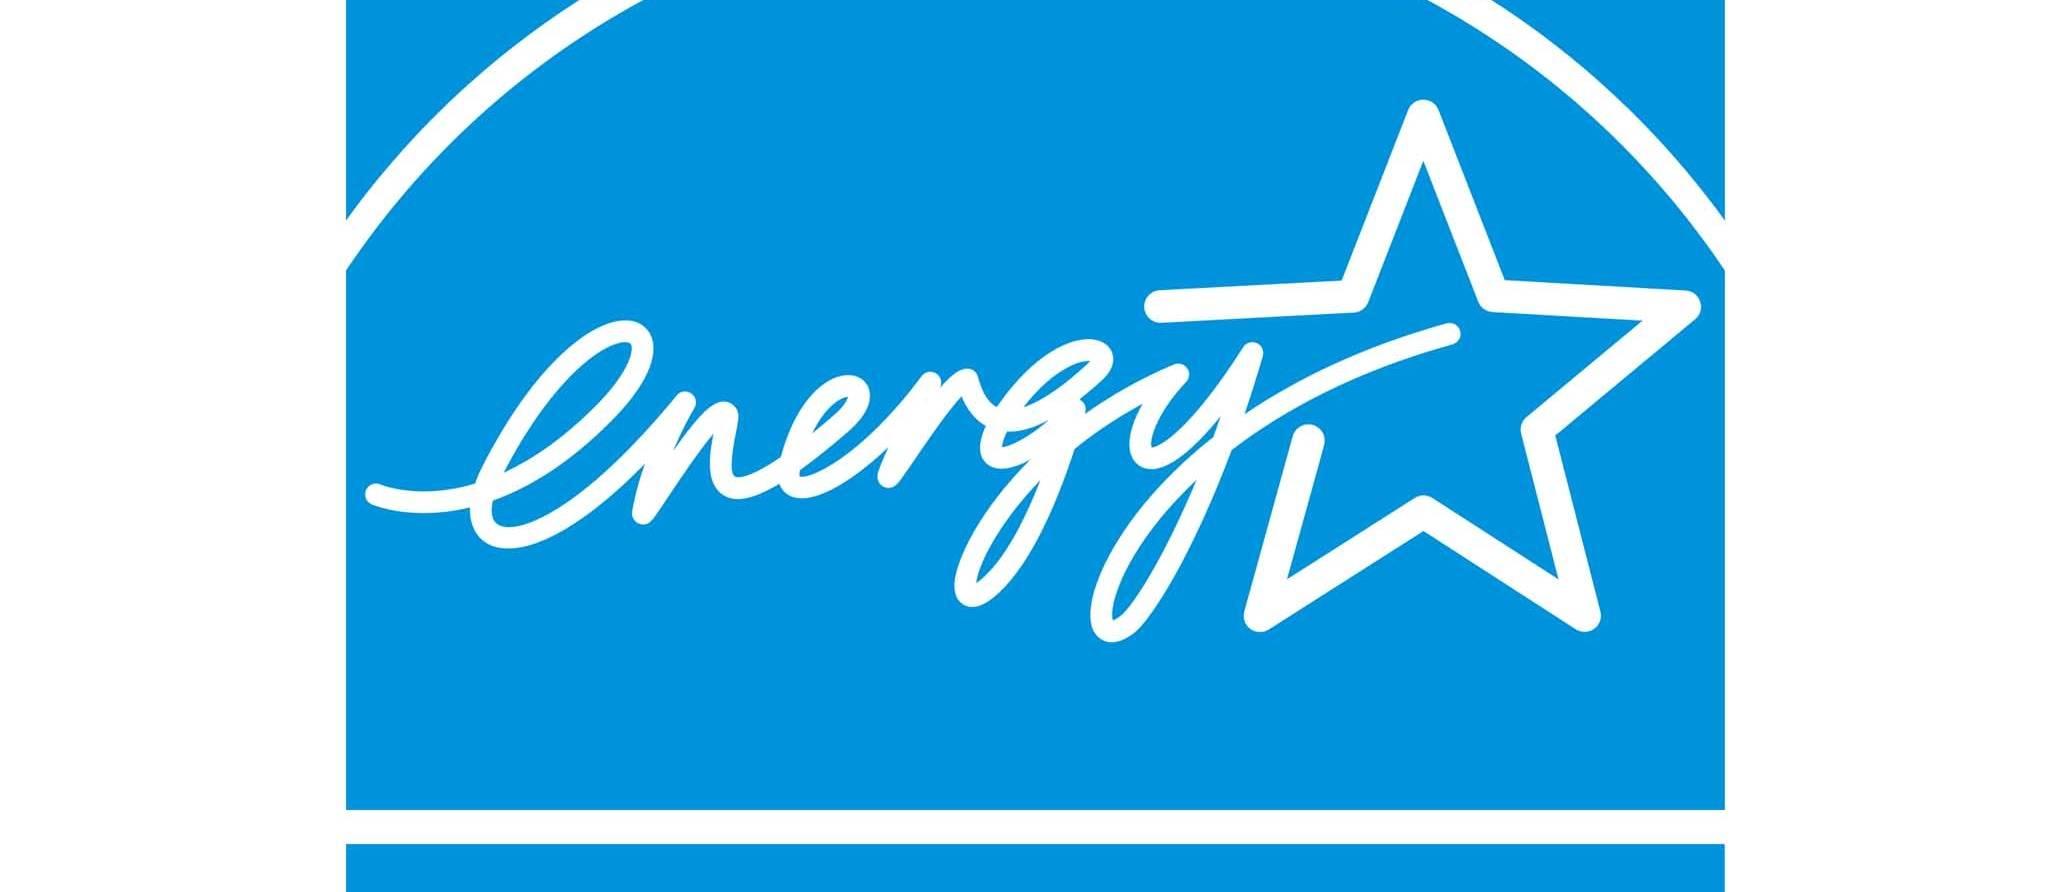 Le logo Energy Star ne tient pas toujours ses prom